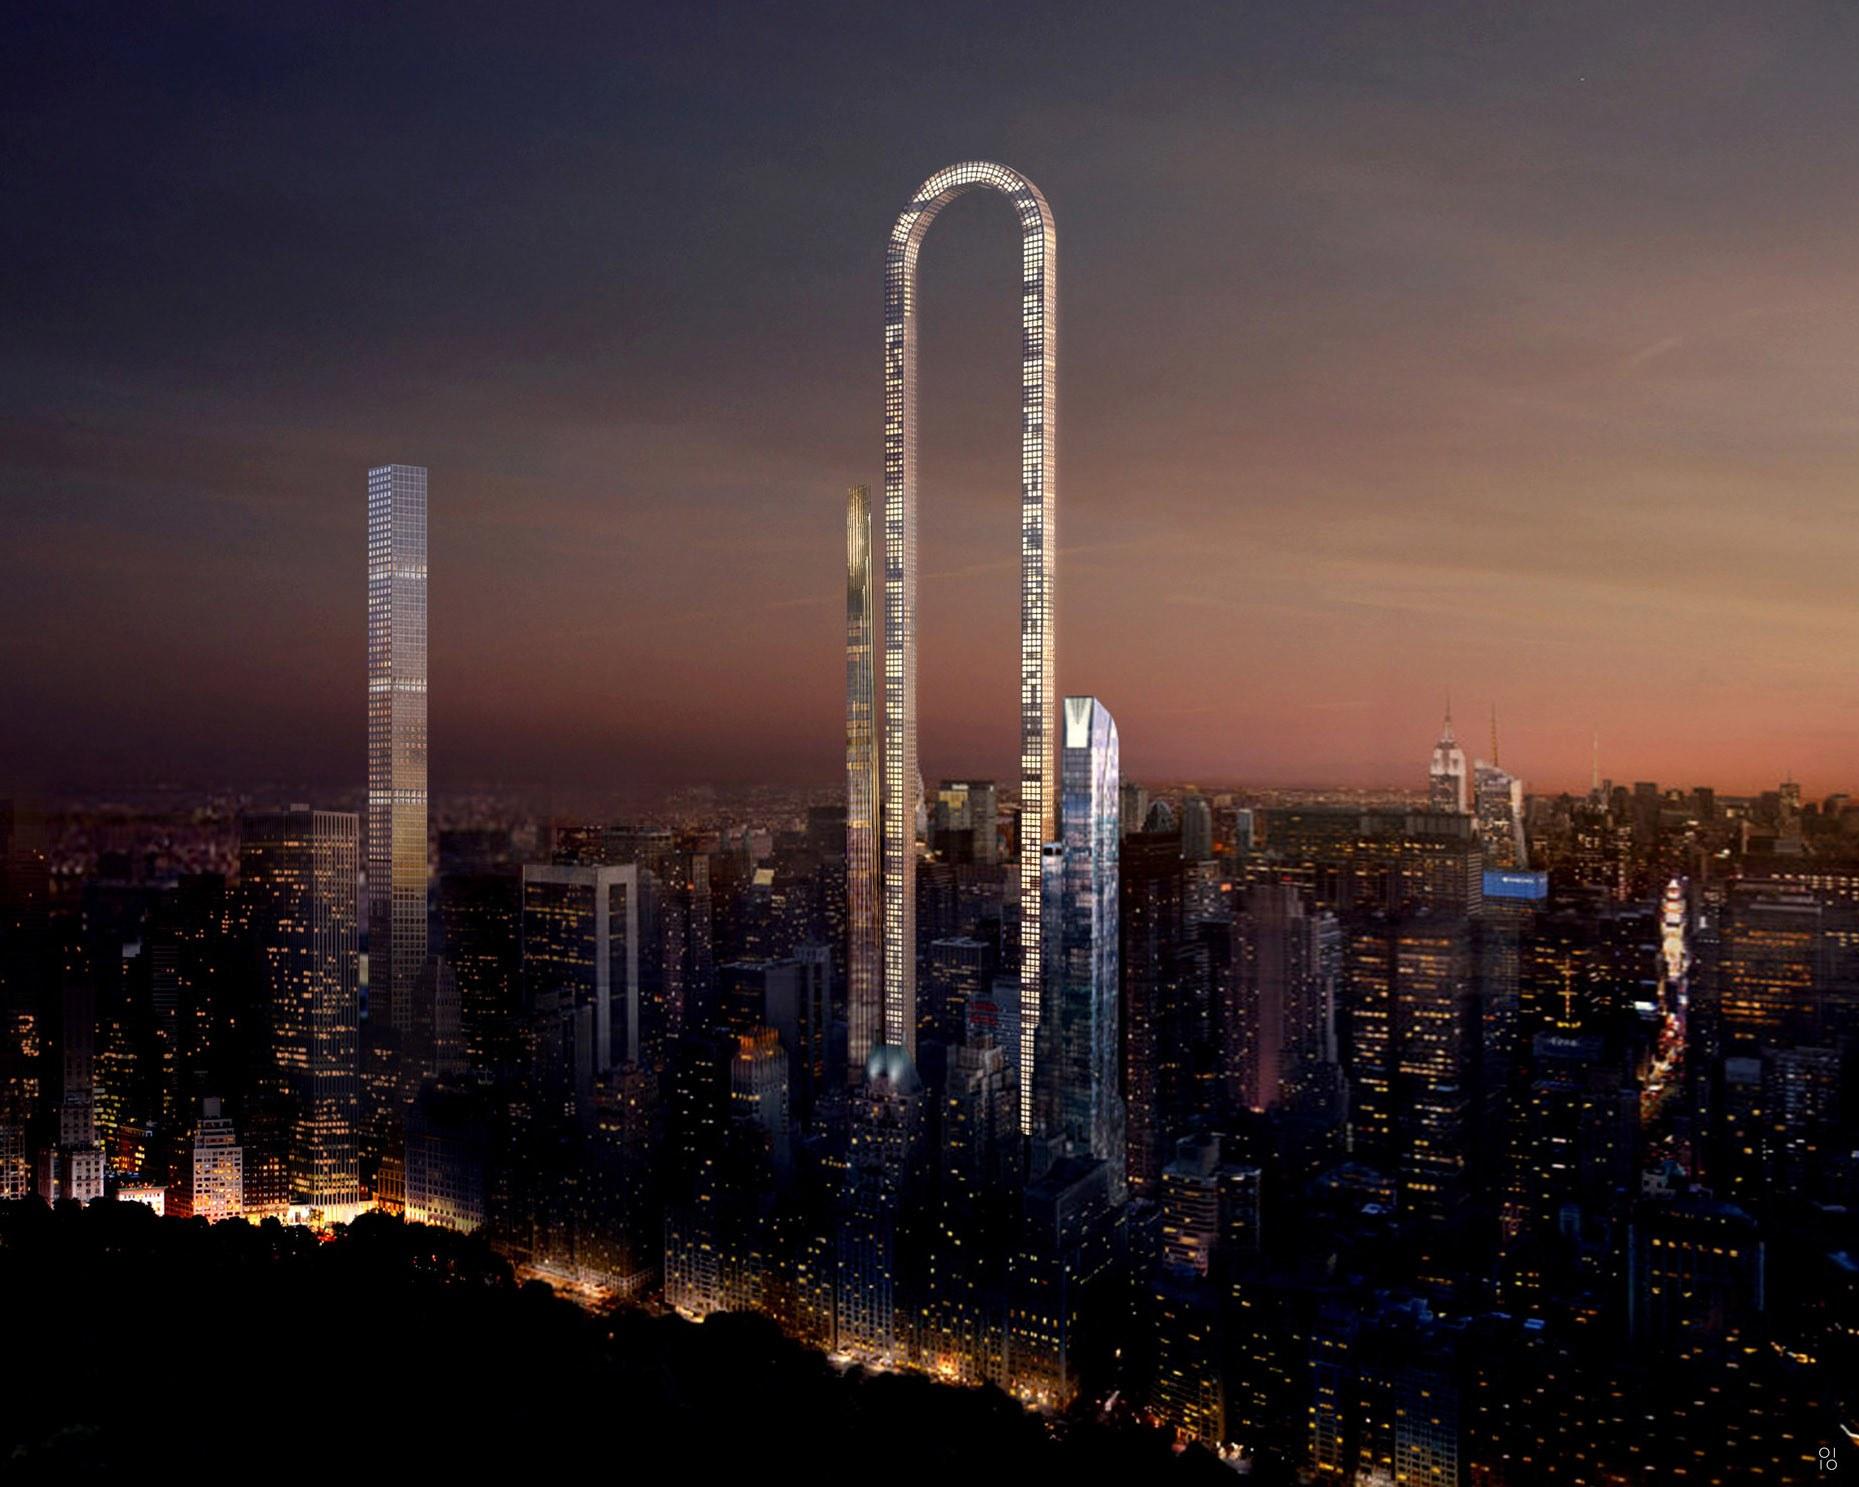 Big Bend Skyscraper in NYC